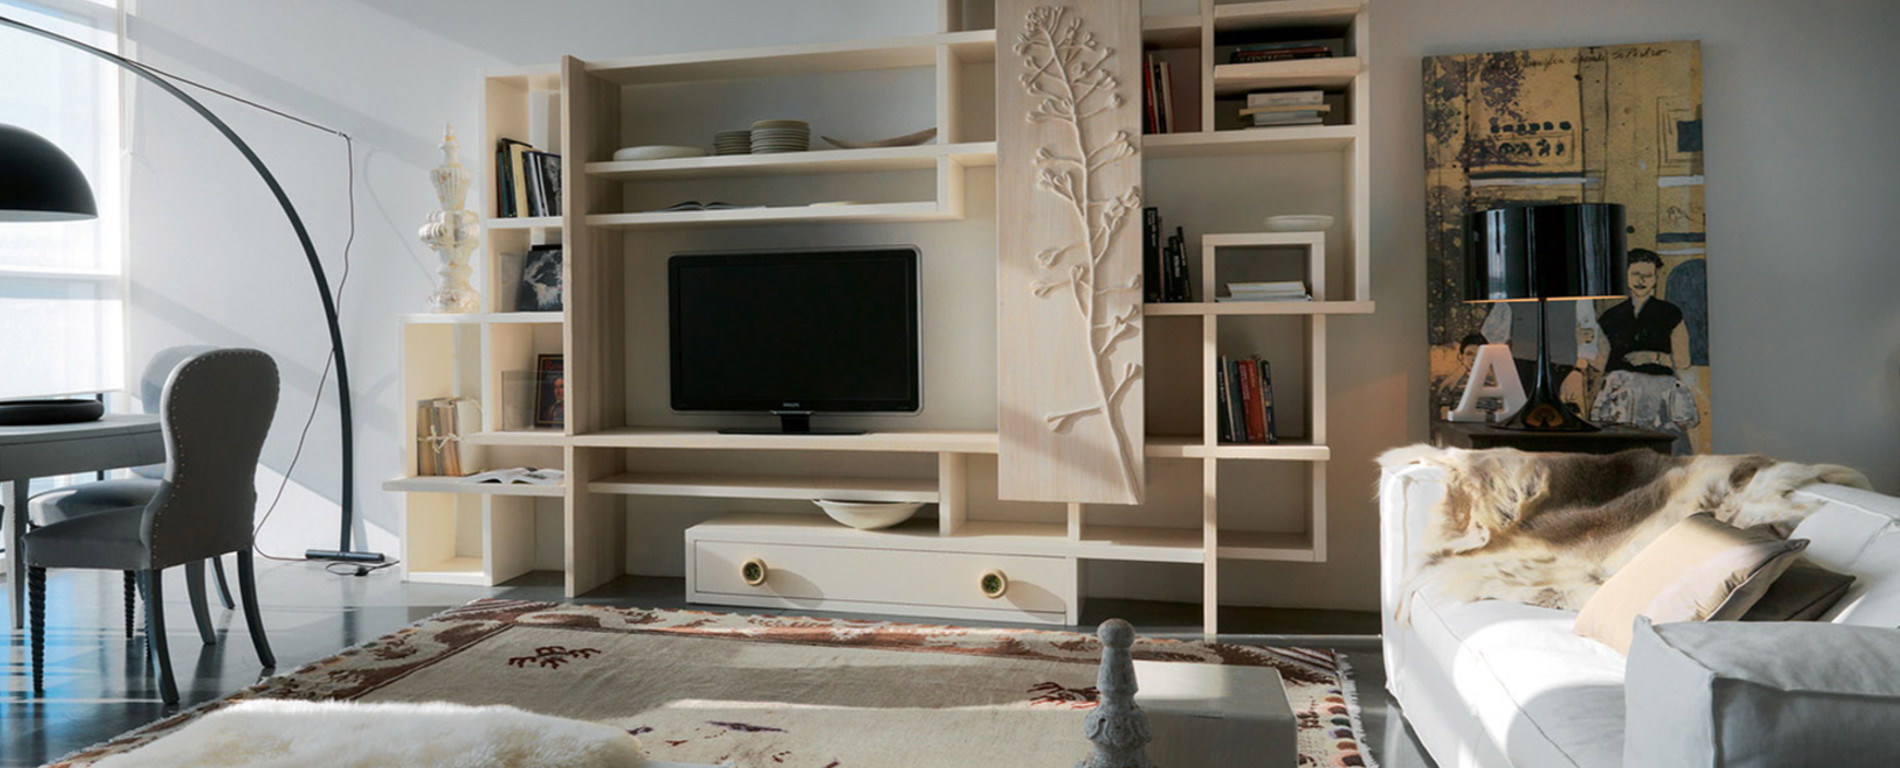 Outlet dell\'arredamento, Mobilificio europa, tavoli, sedie, divani ...